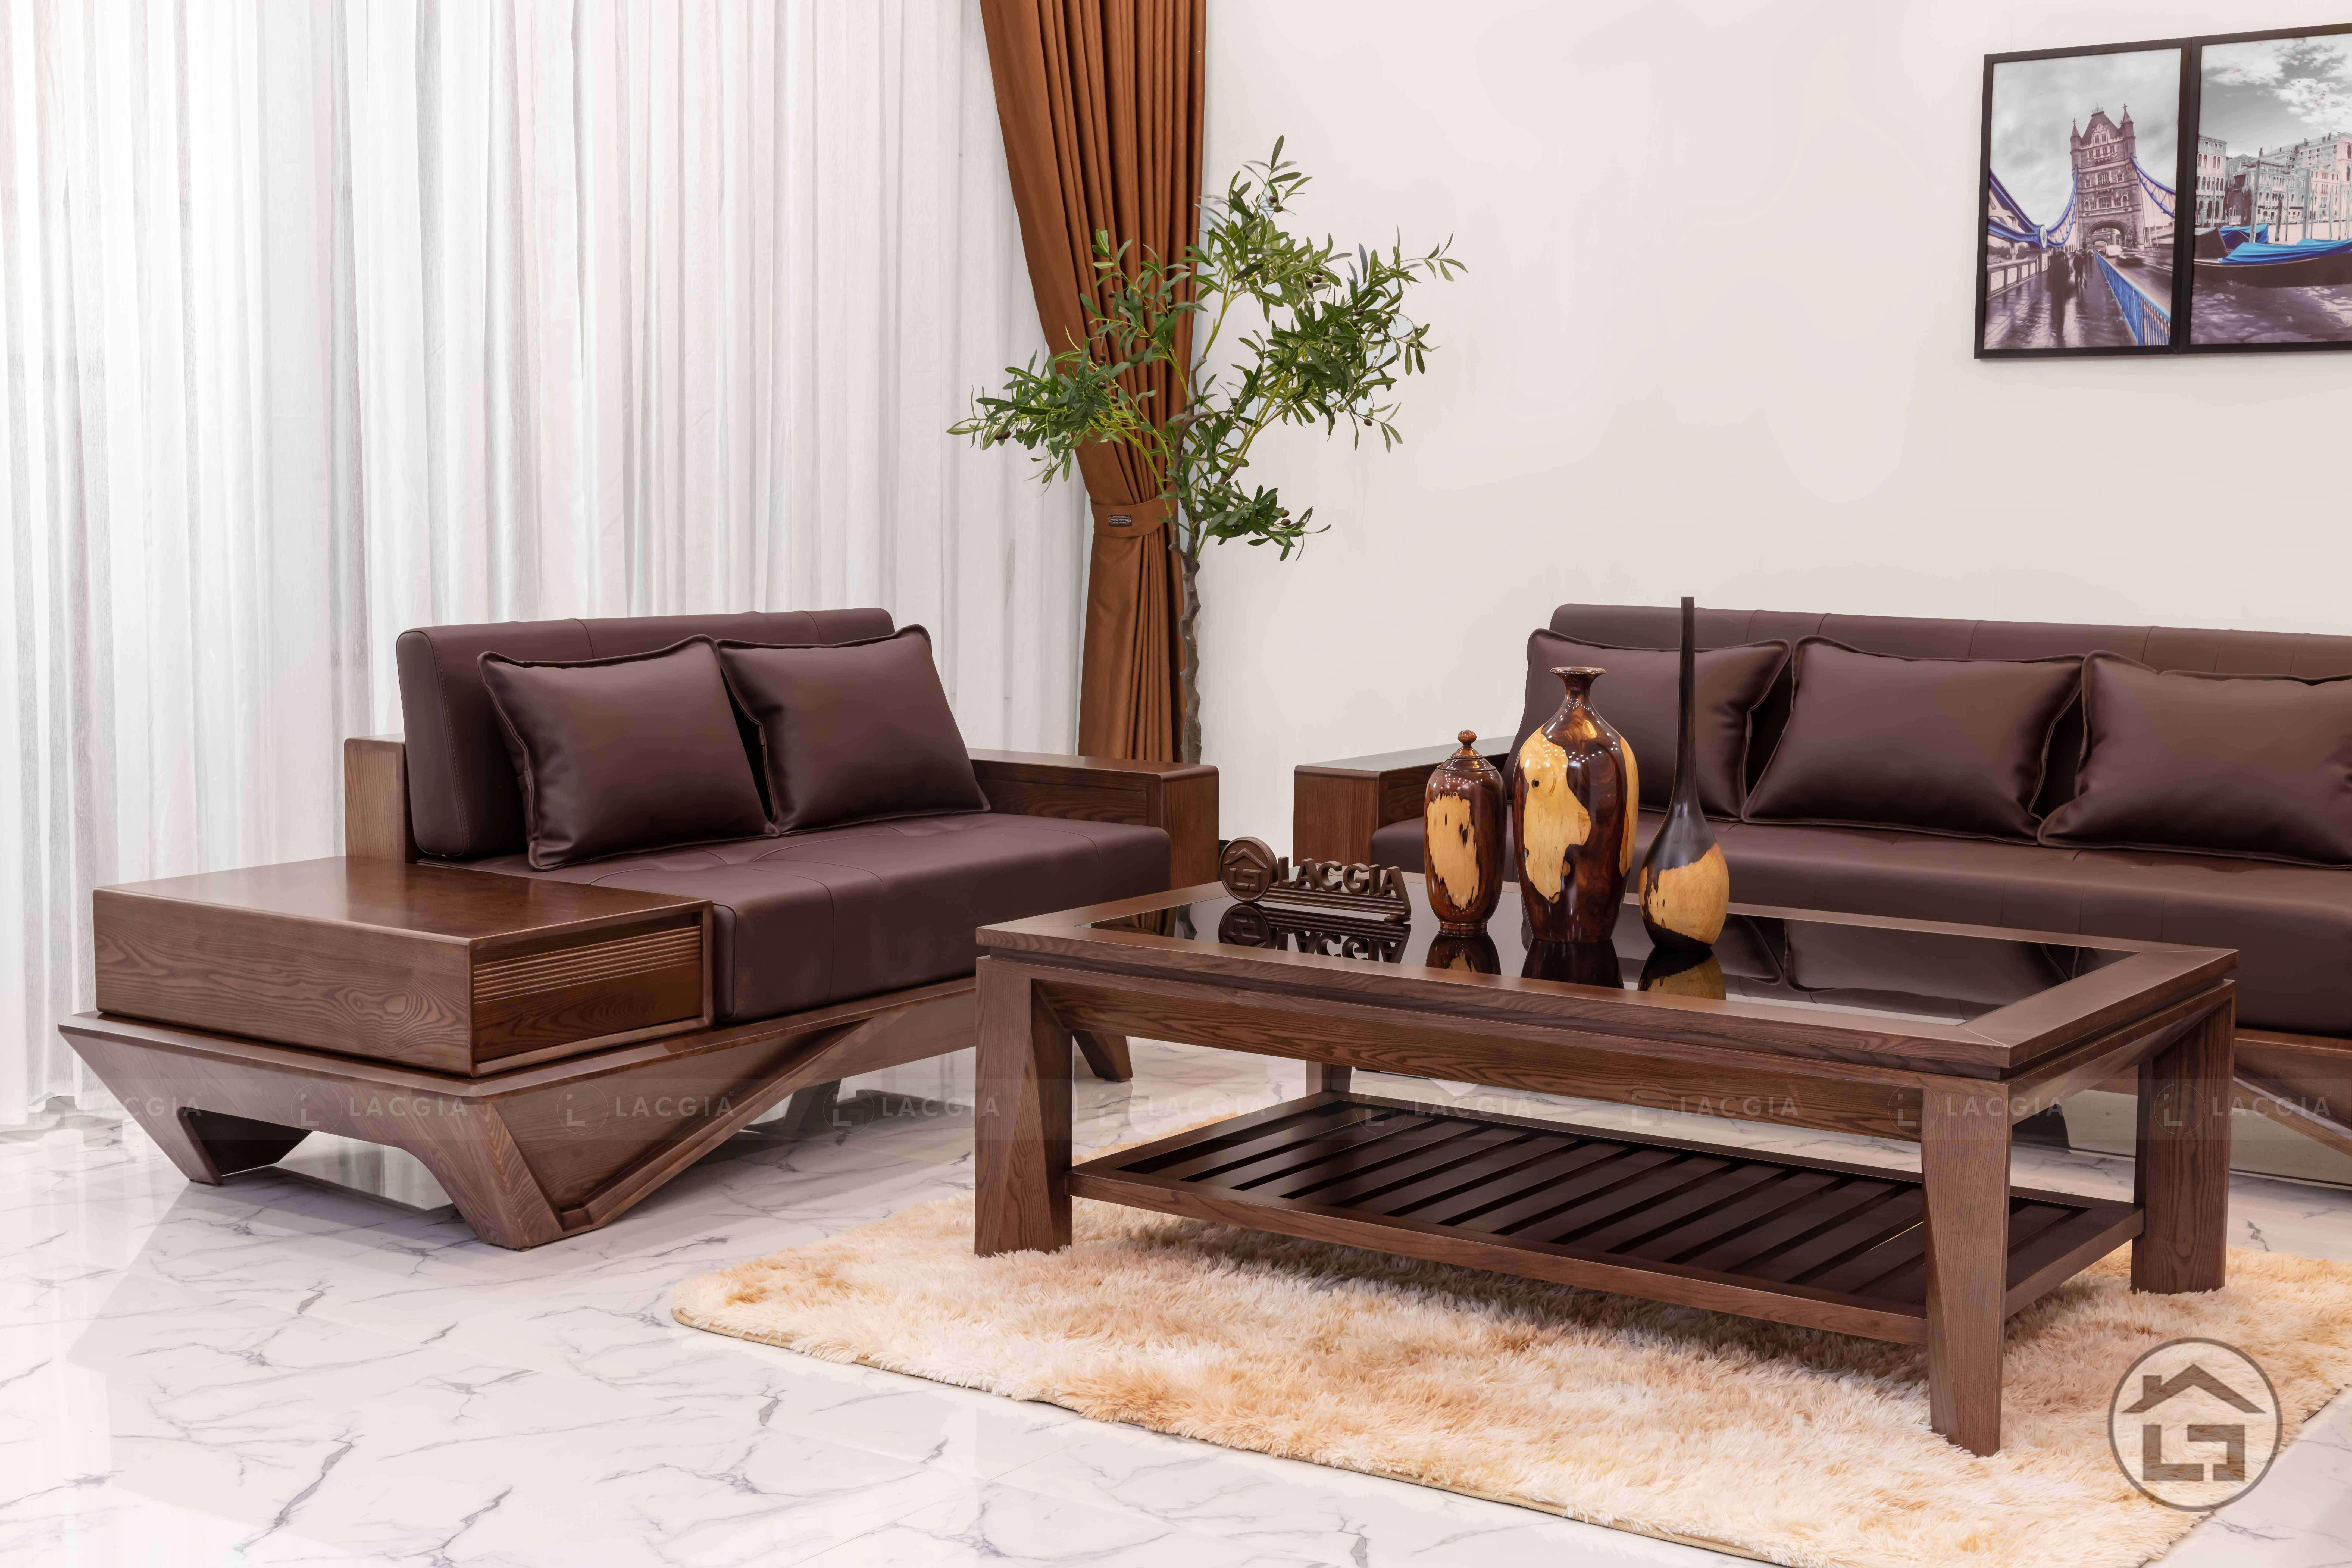 sofa go hien dai sf29 4 - Đón tết hoàn hảo cùng bộ sofa gỗ hiện đại, cao cấp